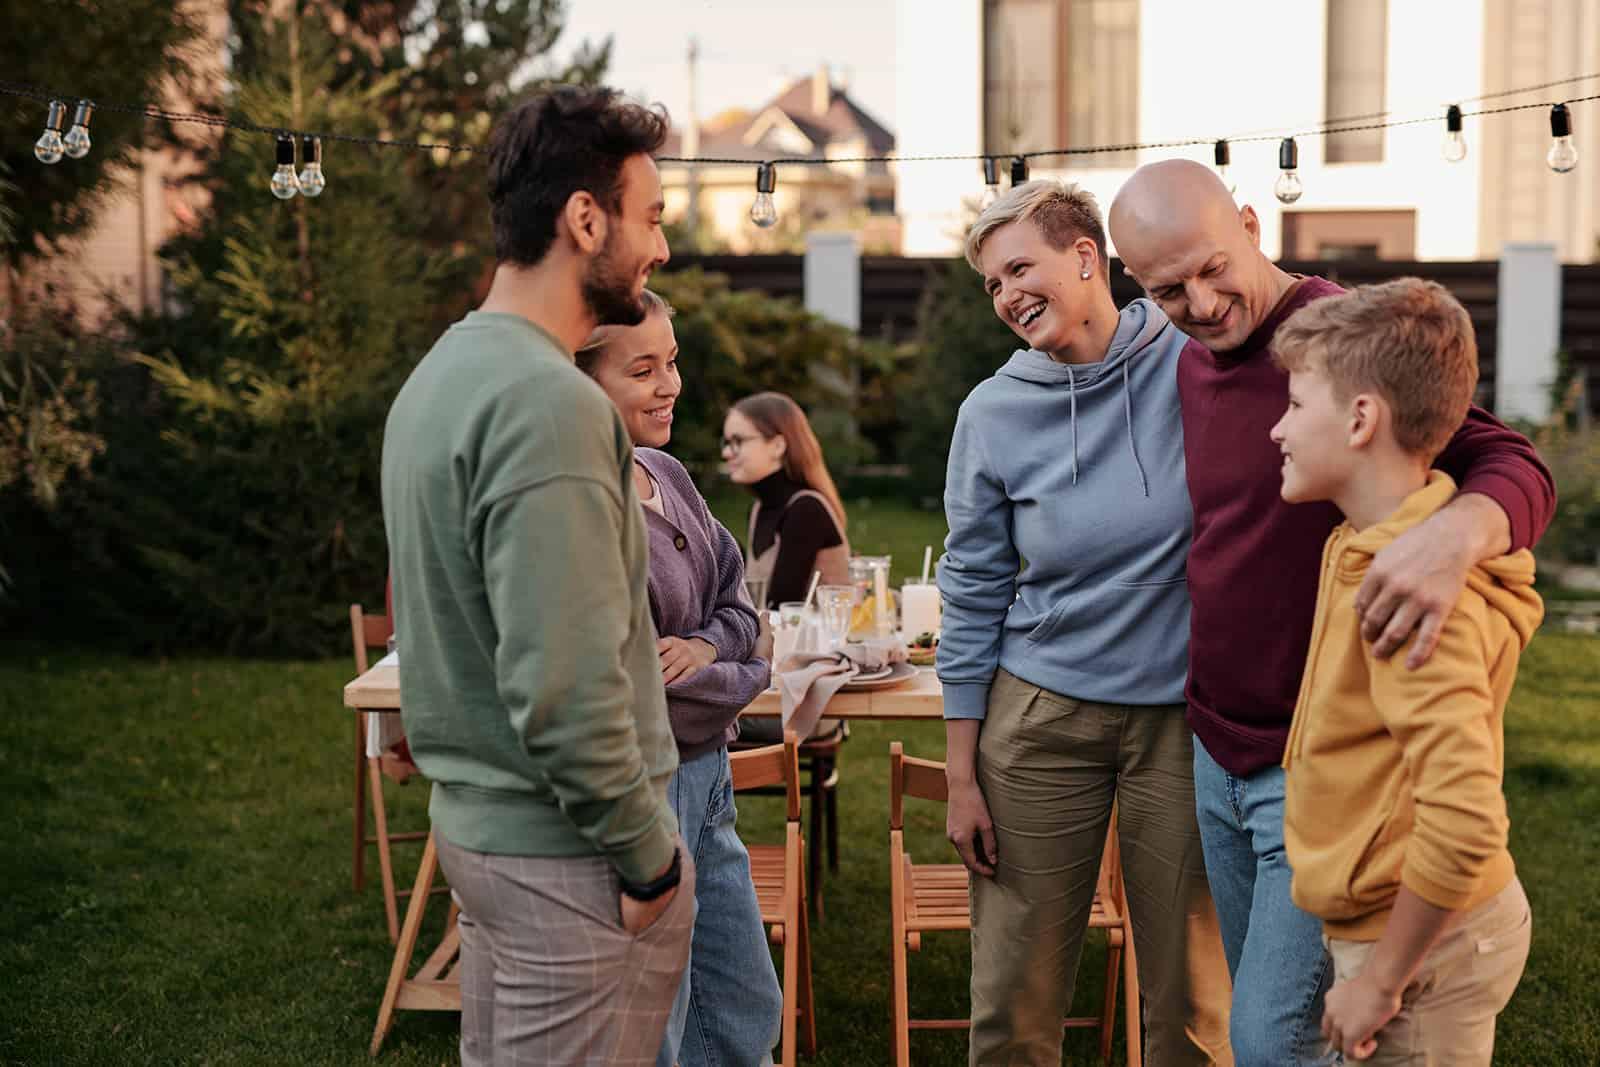 famille s'amuser ensemble tout en se réunissant dans une arrière-cour